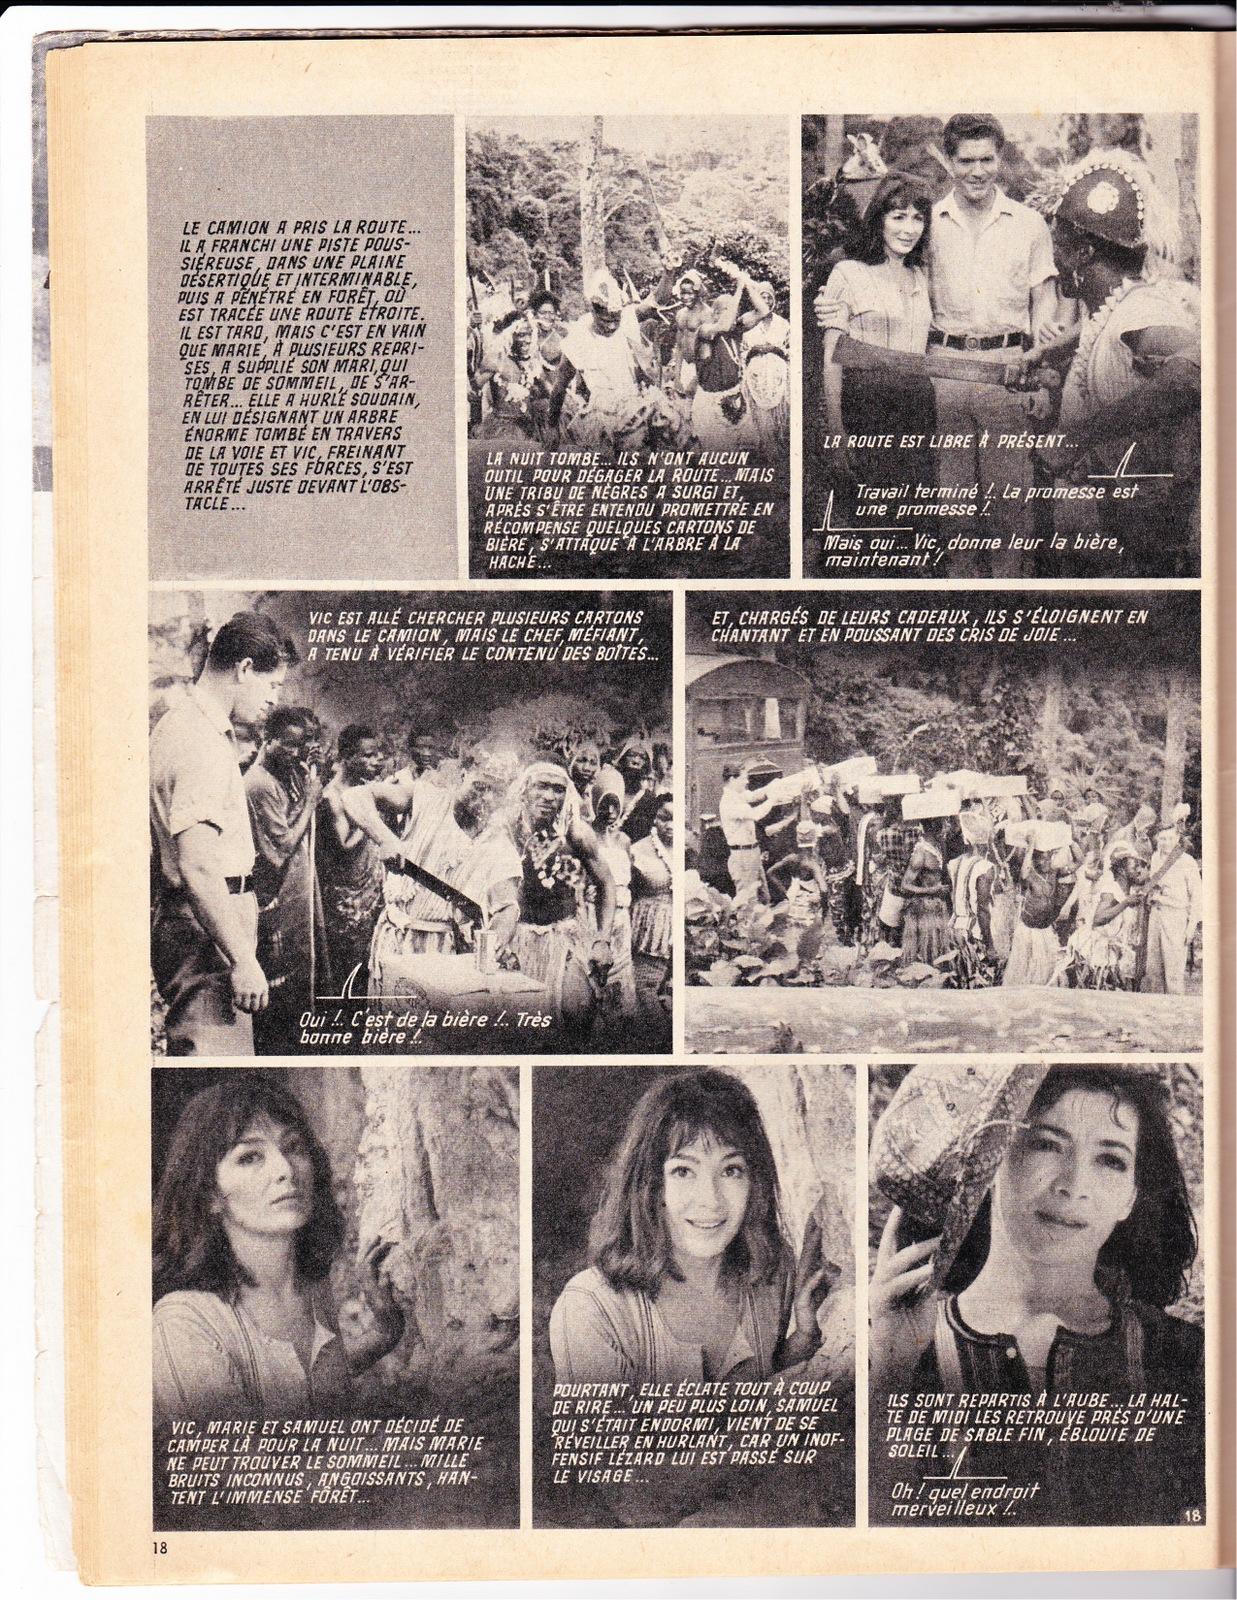 BigGamblePhotoBookFrance 1962 (36)   Stephen Boyd Blog